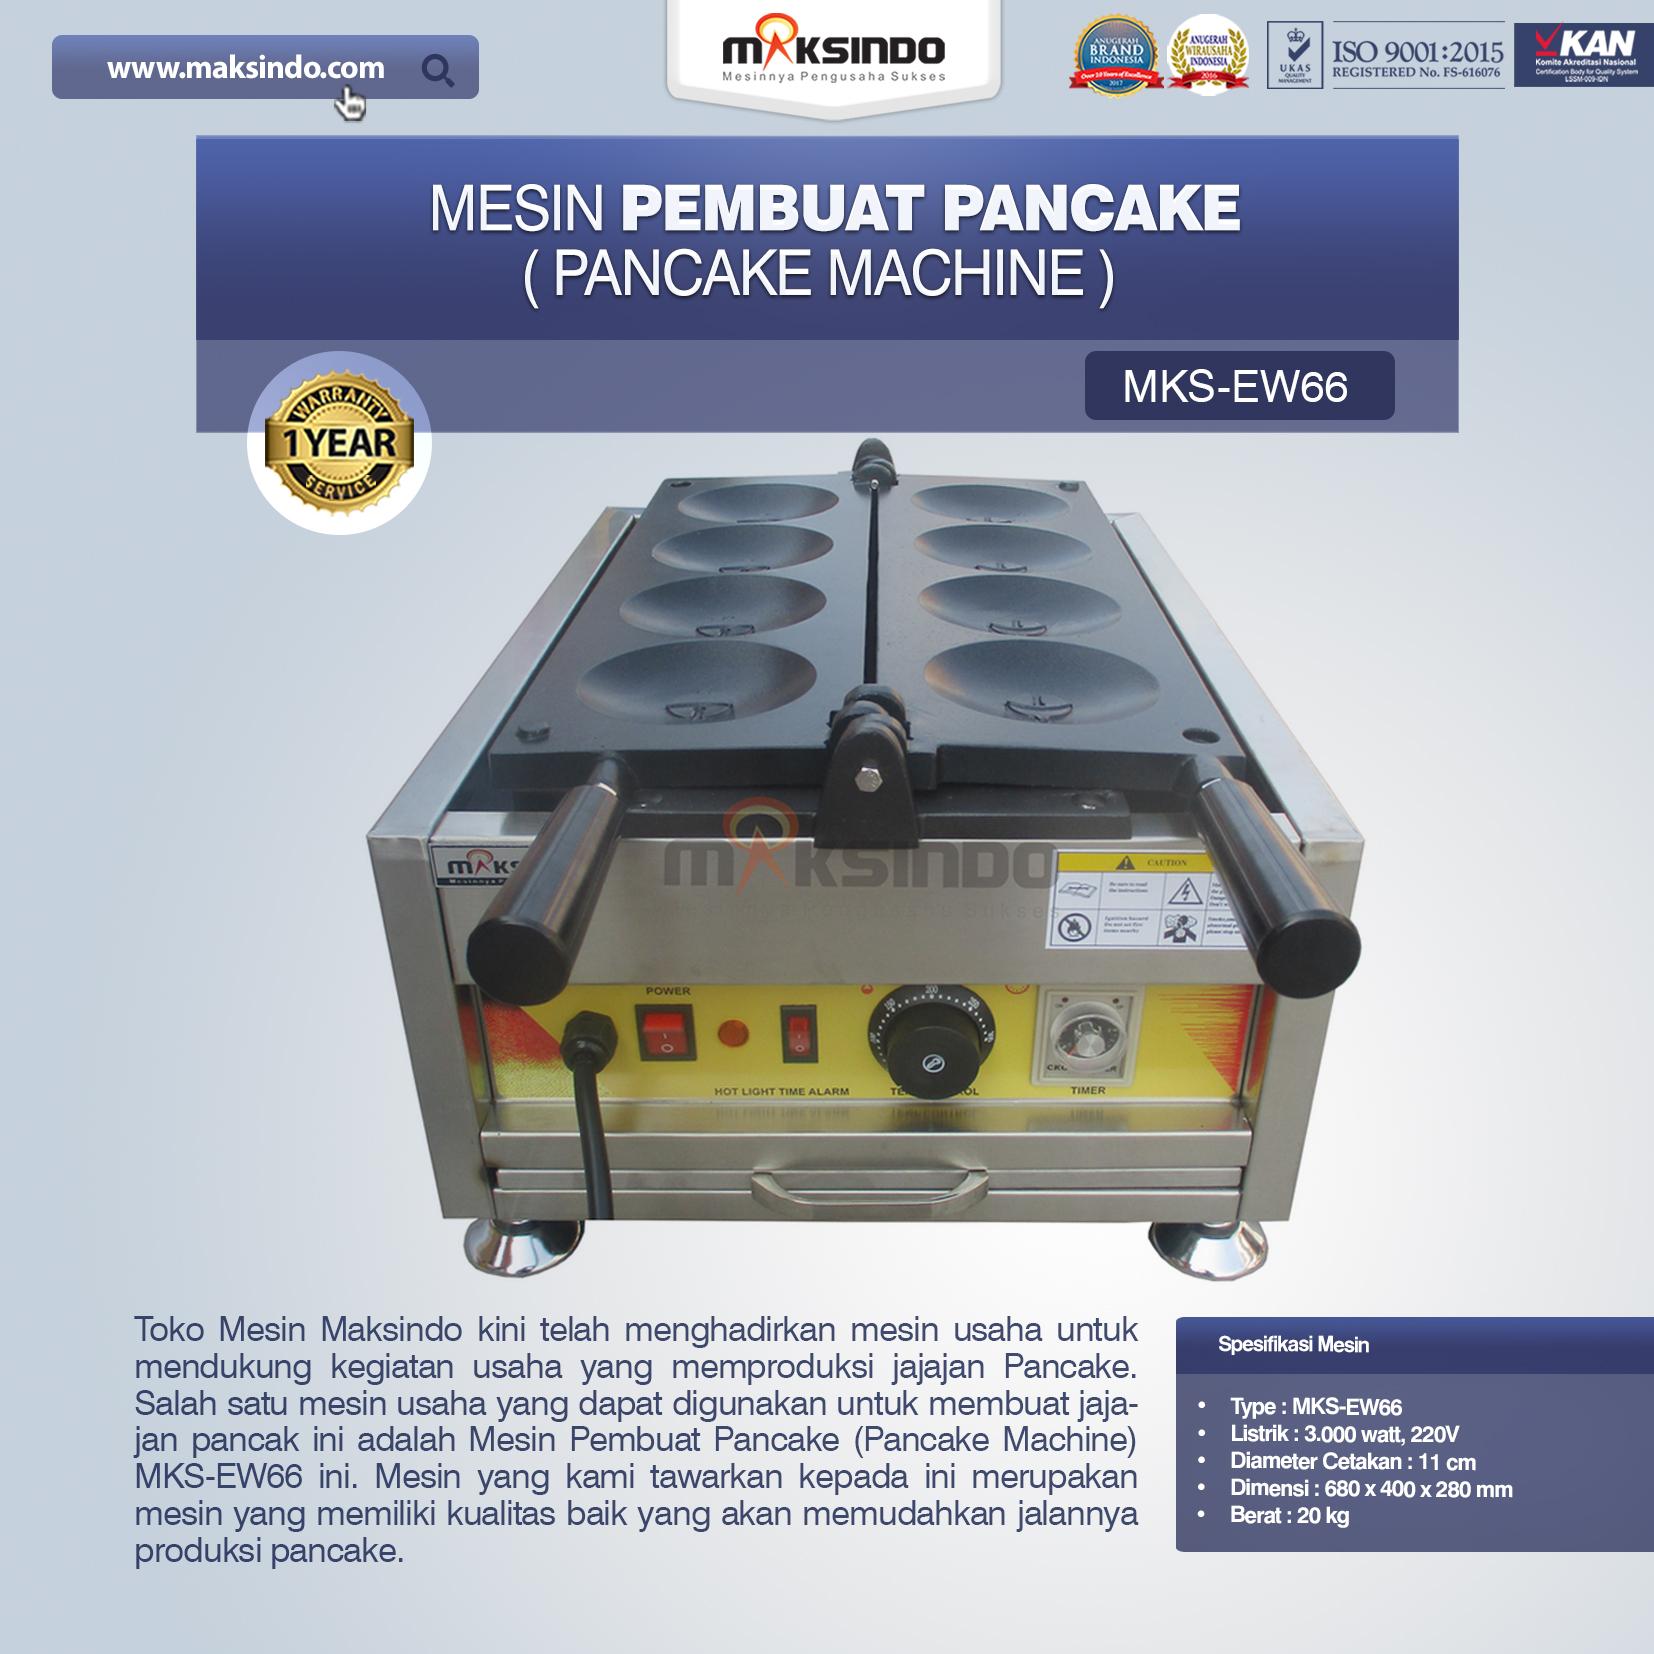 Jual Mesin Pembuat Pancake (Pancake Machine) MKS-EW66 di Pekanbaru